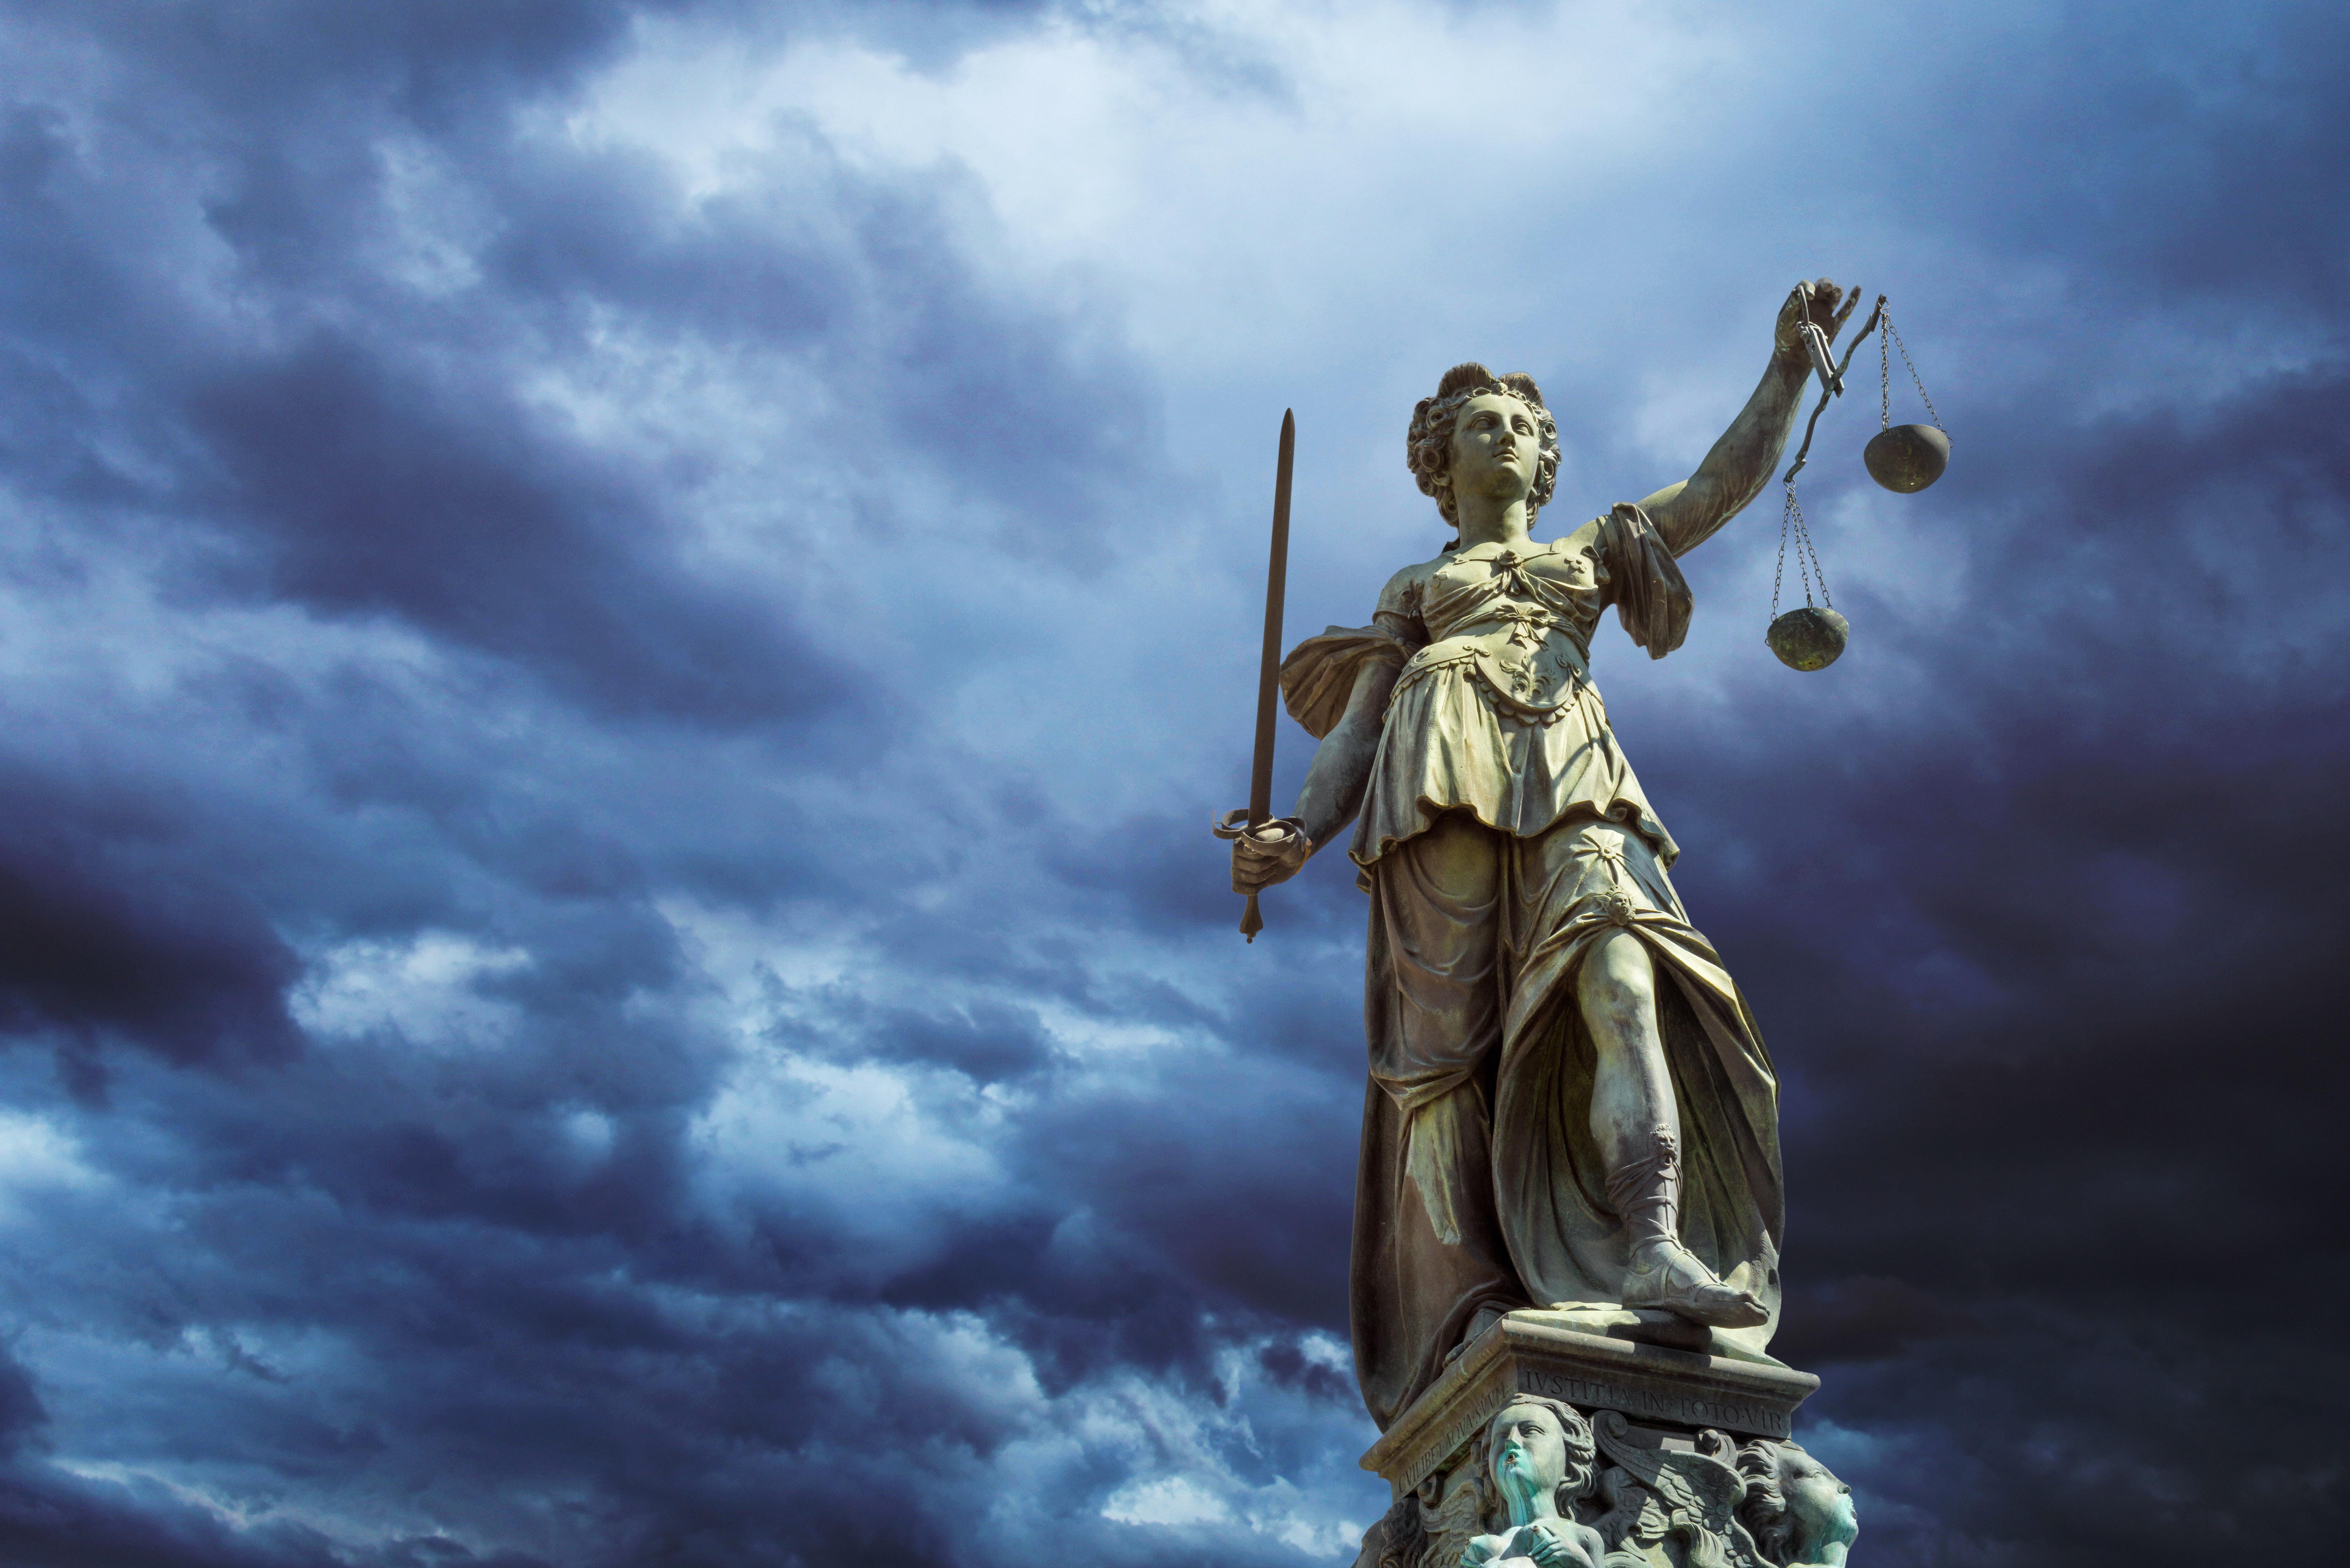 Gerechtigkeit symbolbild anerkennung habilitation umhabilitation aequivalenzabkommen.6a96c40d44f90b5c5365eb4bf5794103c